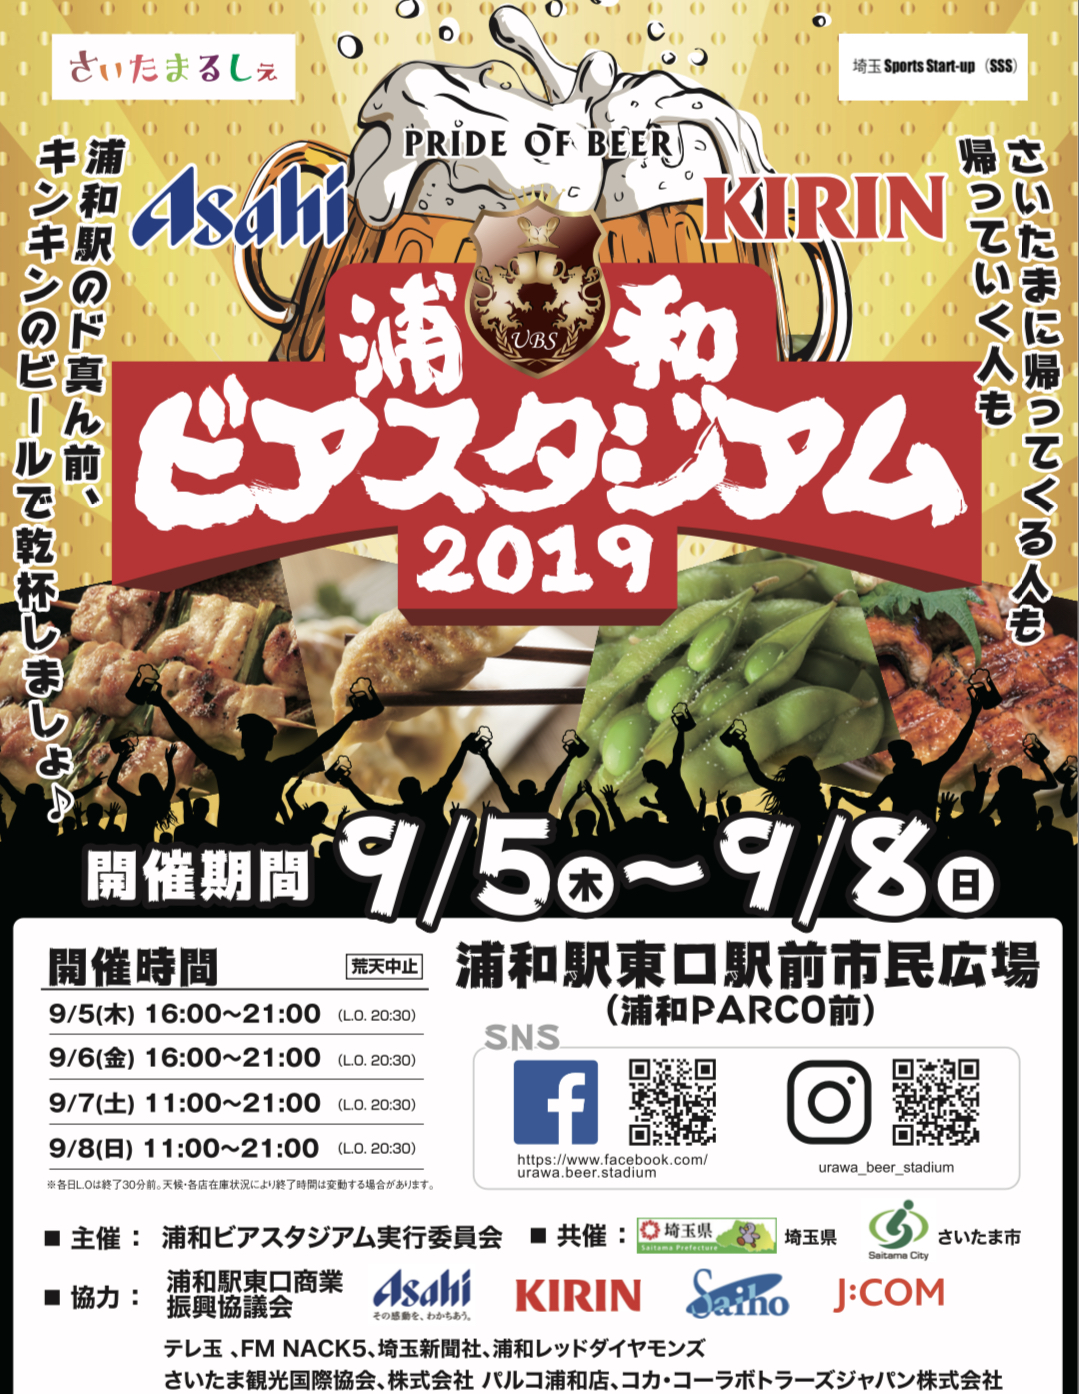 浦和ビアスタジアム2019出店のお知らせ